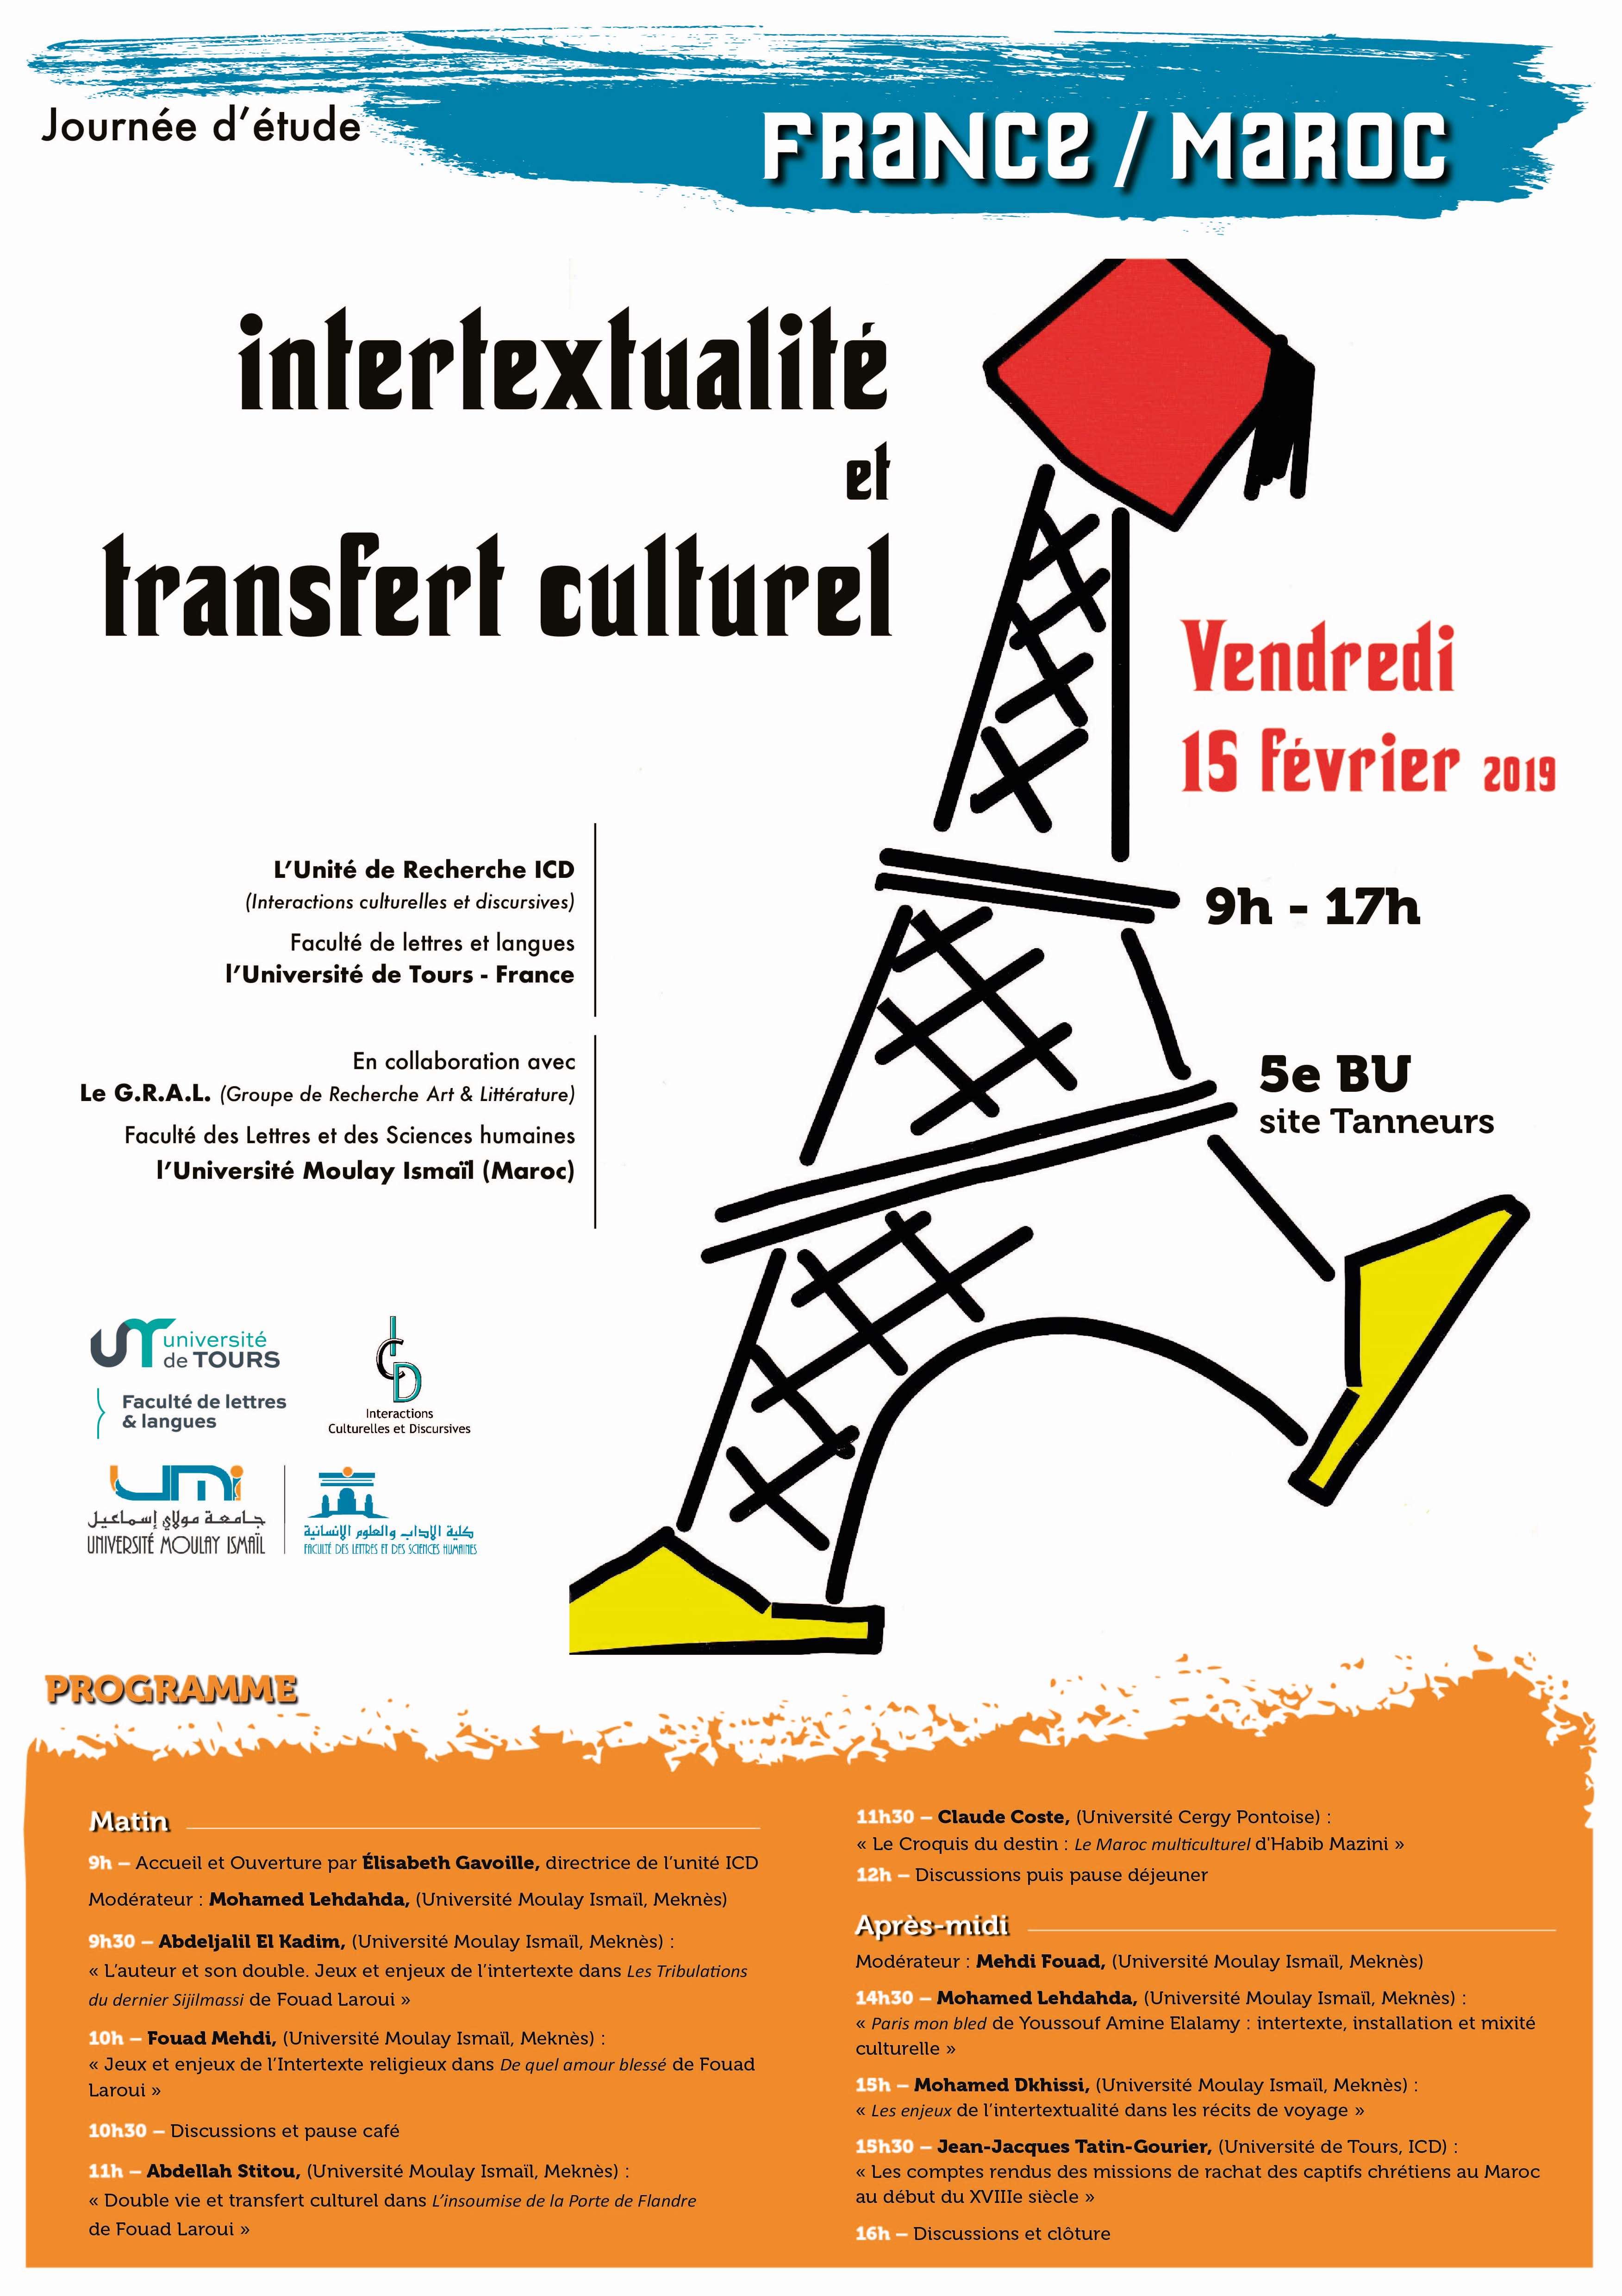 Journée d'étude France/Maroc - Affiche